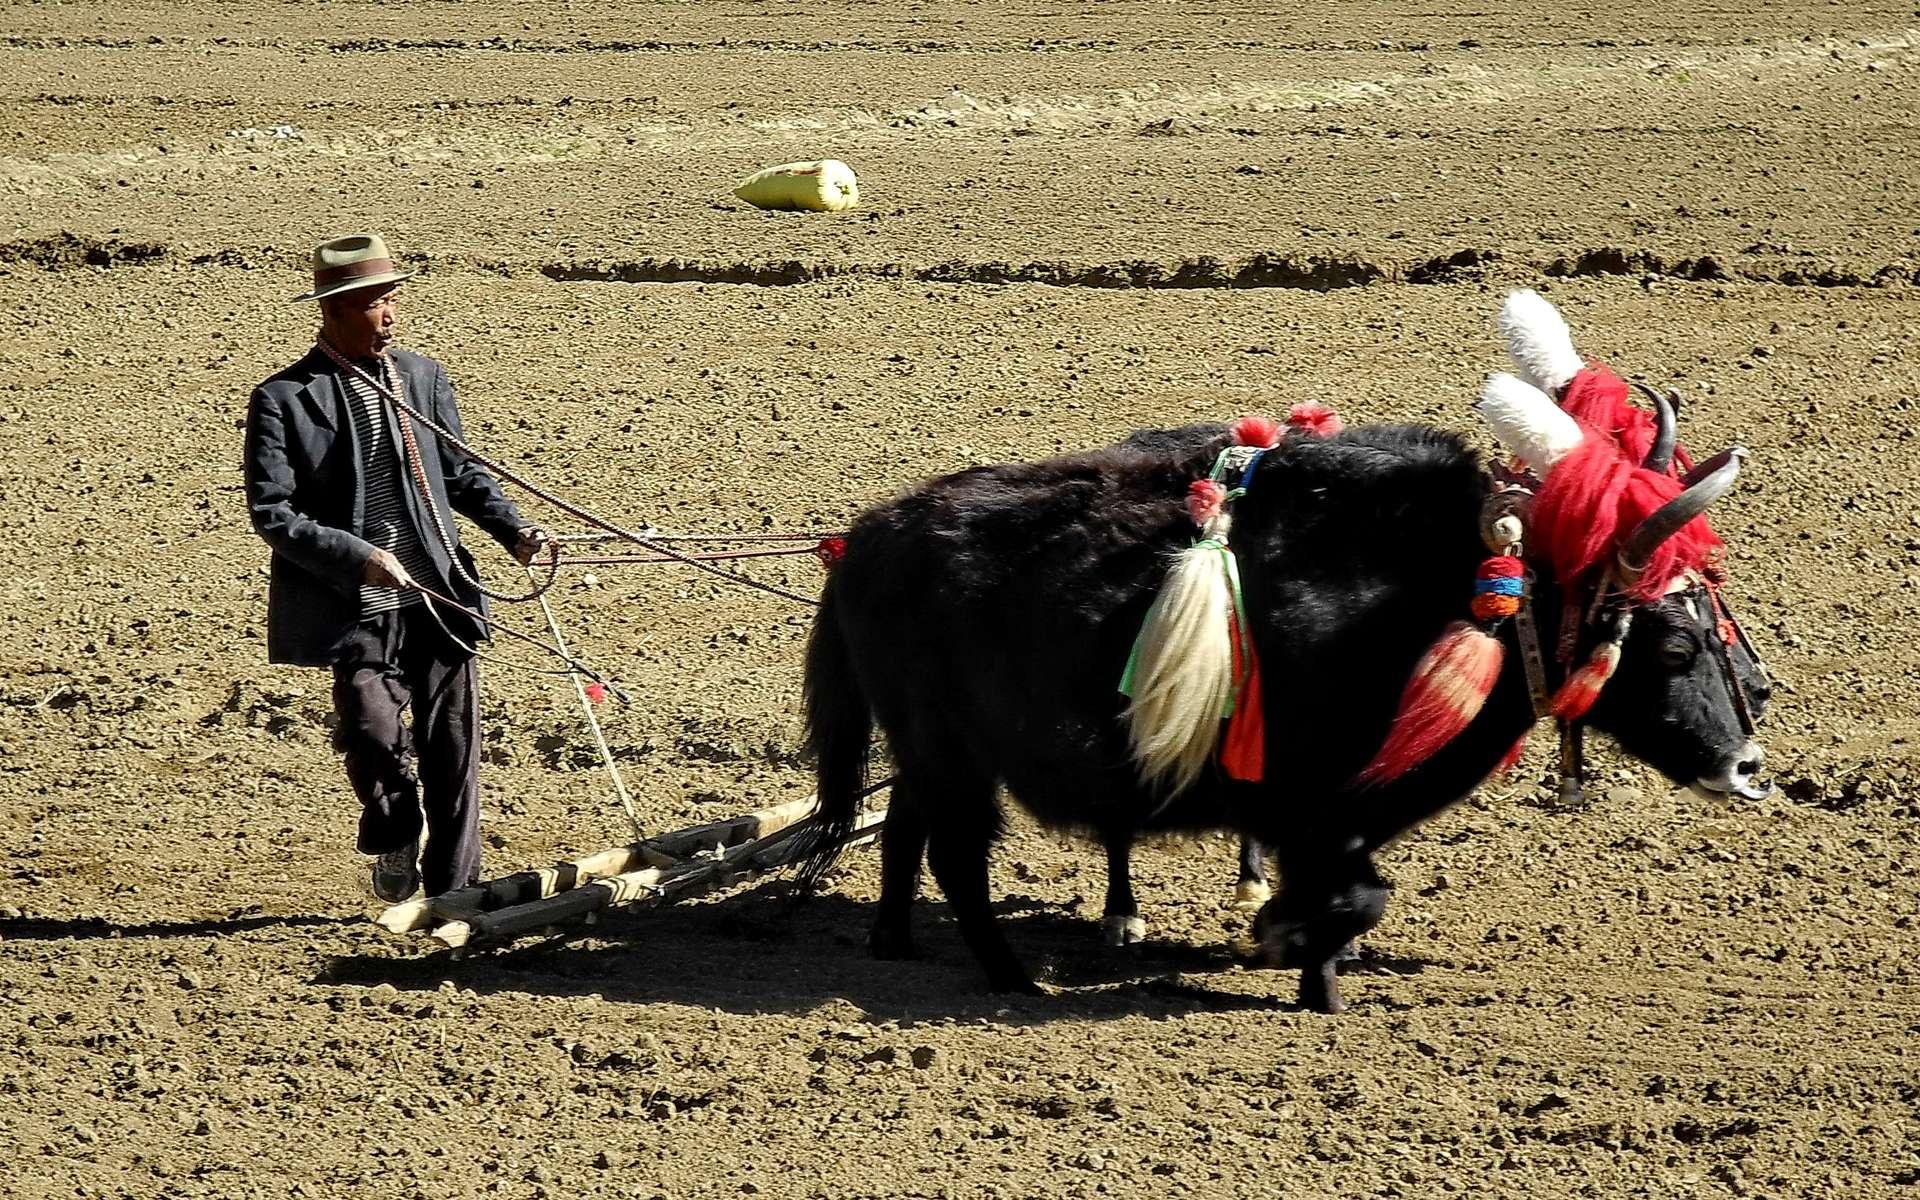 Dans le labour traditionnel au Tibet, le yak domestique est utilisé comme bête de somme mais il fournit en outre laine, cuir, viande, lait et fromage. © Dr Michel Royon, Wikimedia Commons